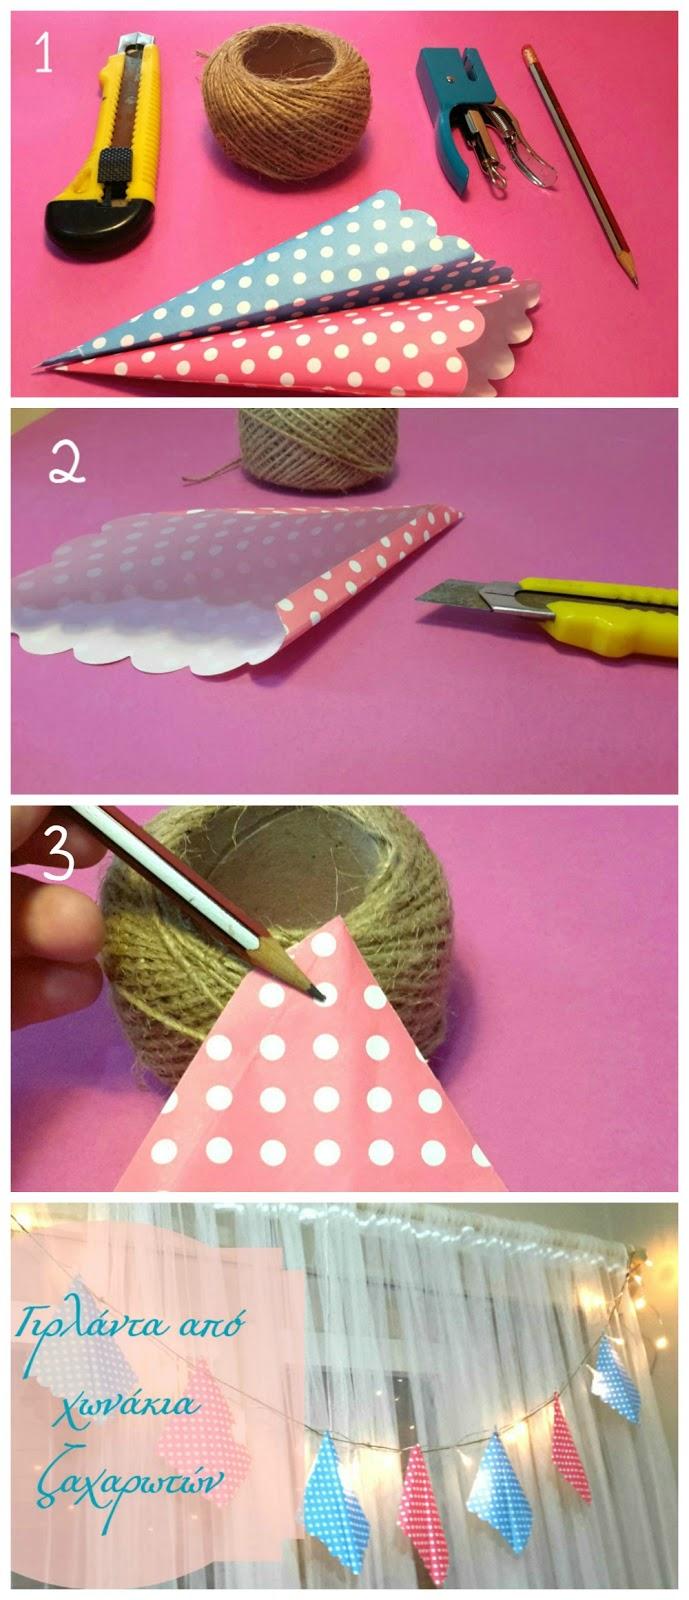 τα χάρτινα χωνάκια,  ο σπάγκος κοπίδι απλό  ένα μολύβι  και προαιρετικά συρραπτικό